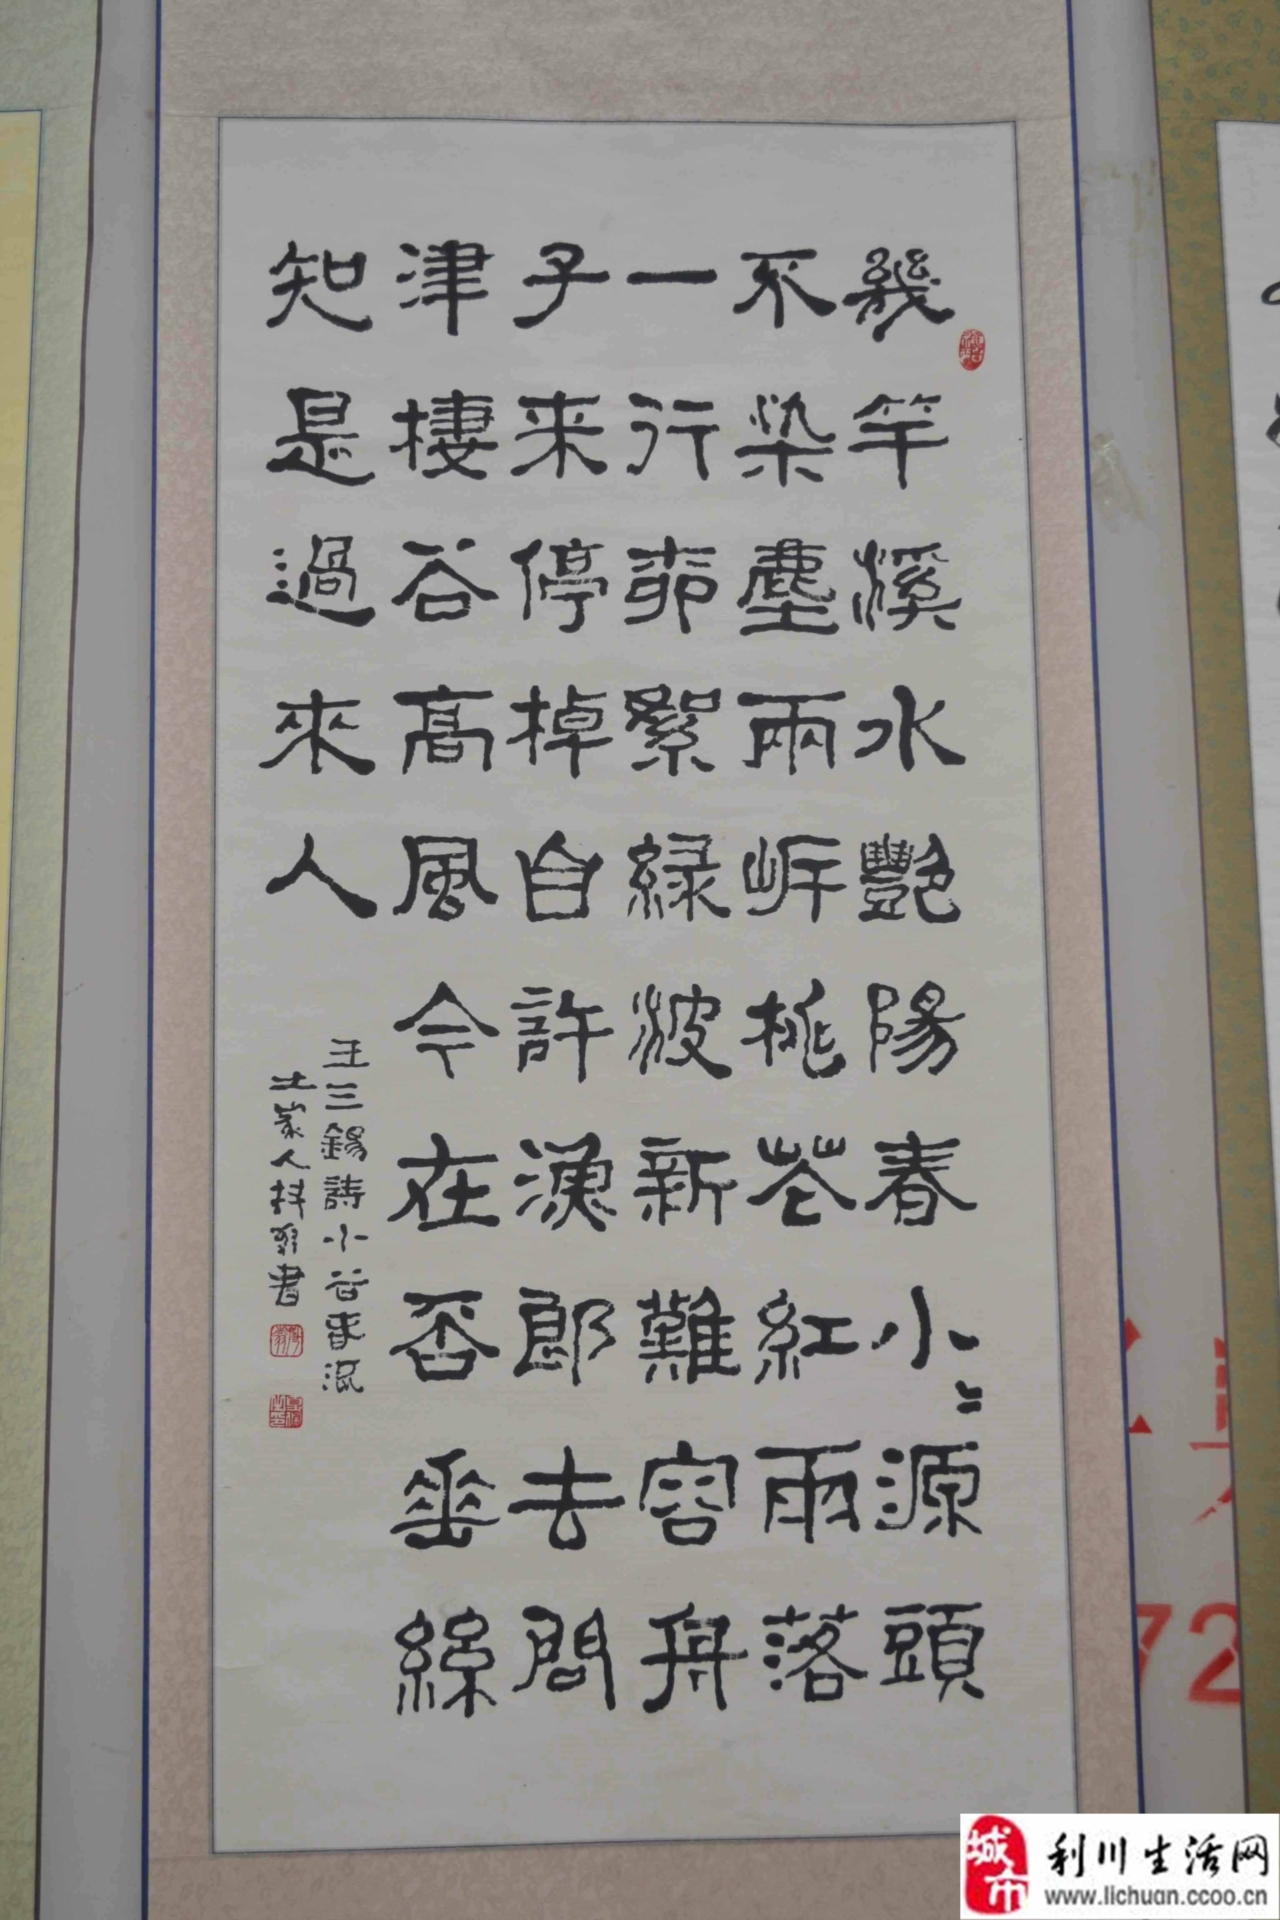 锦绣利川百幅诗词书画作品大家评【11】